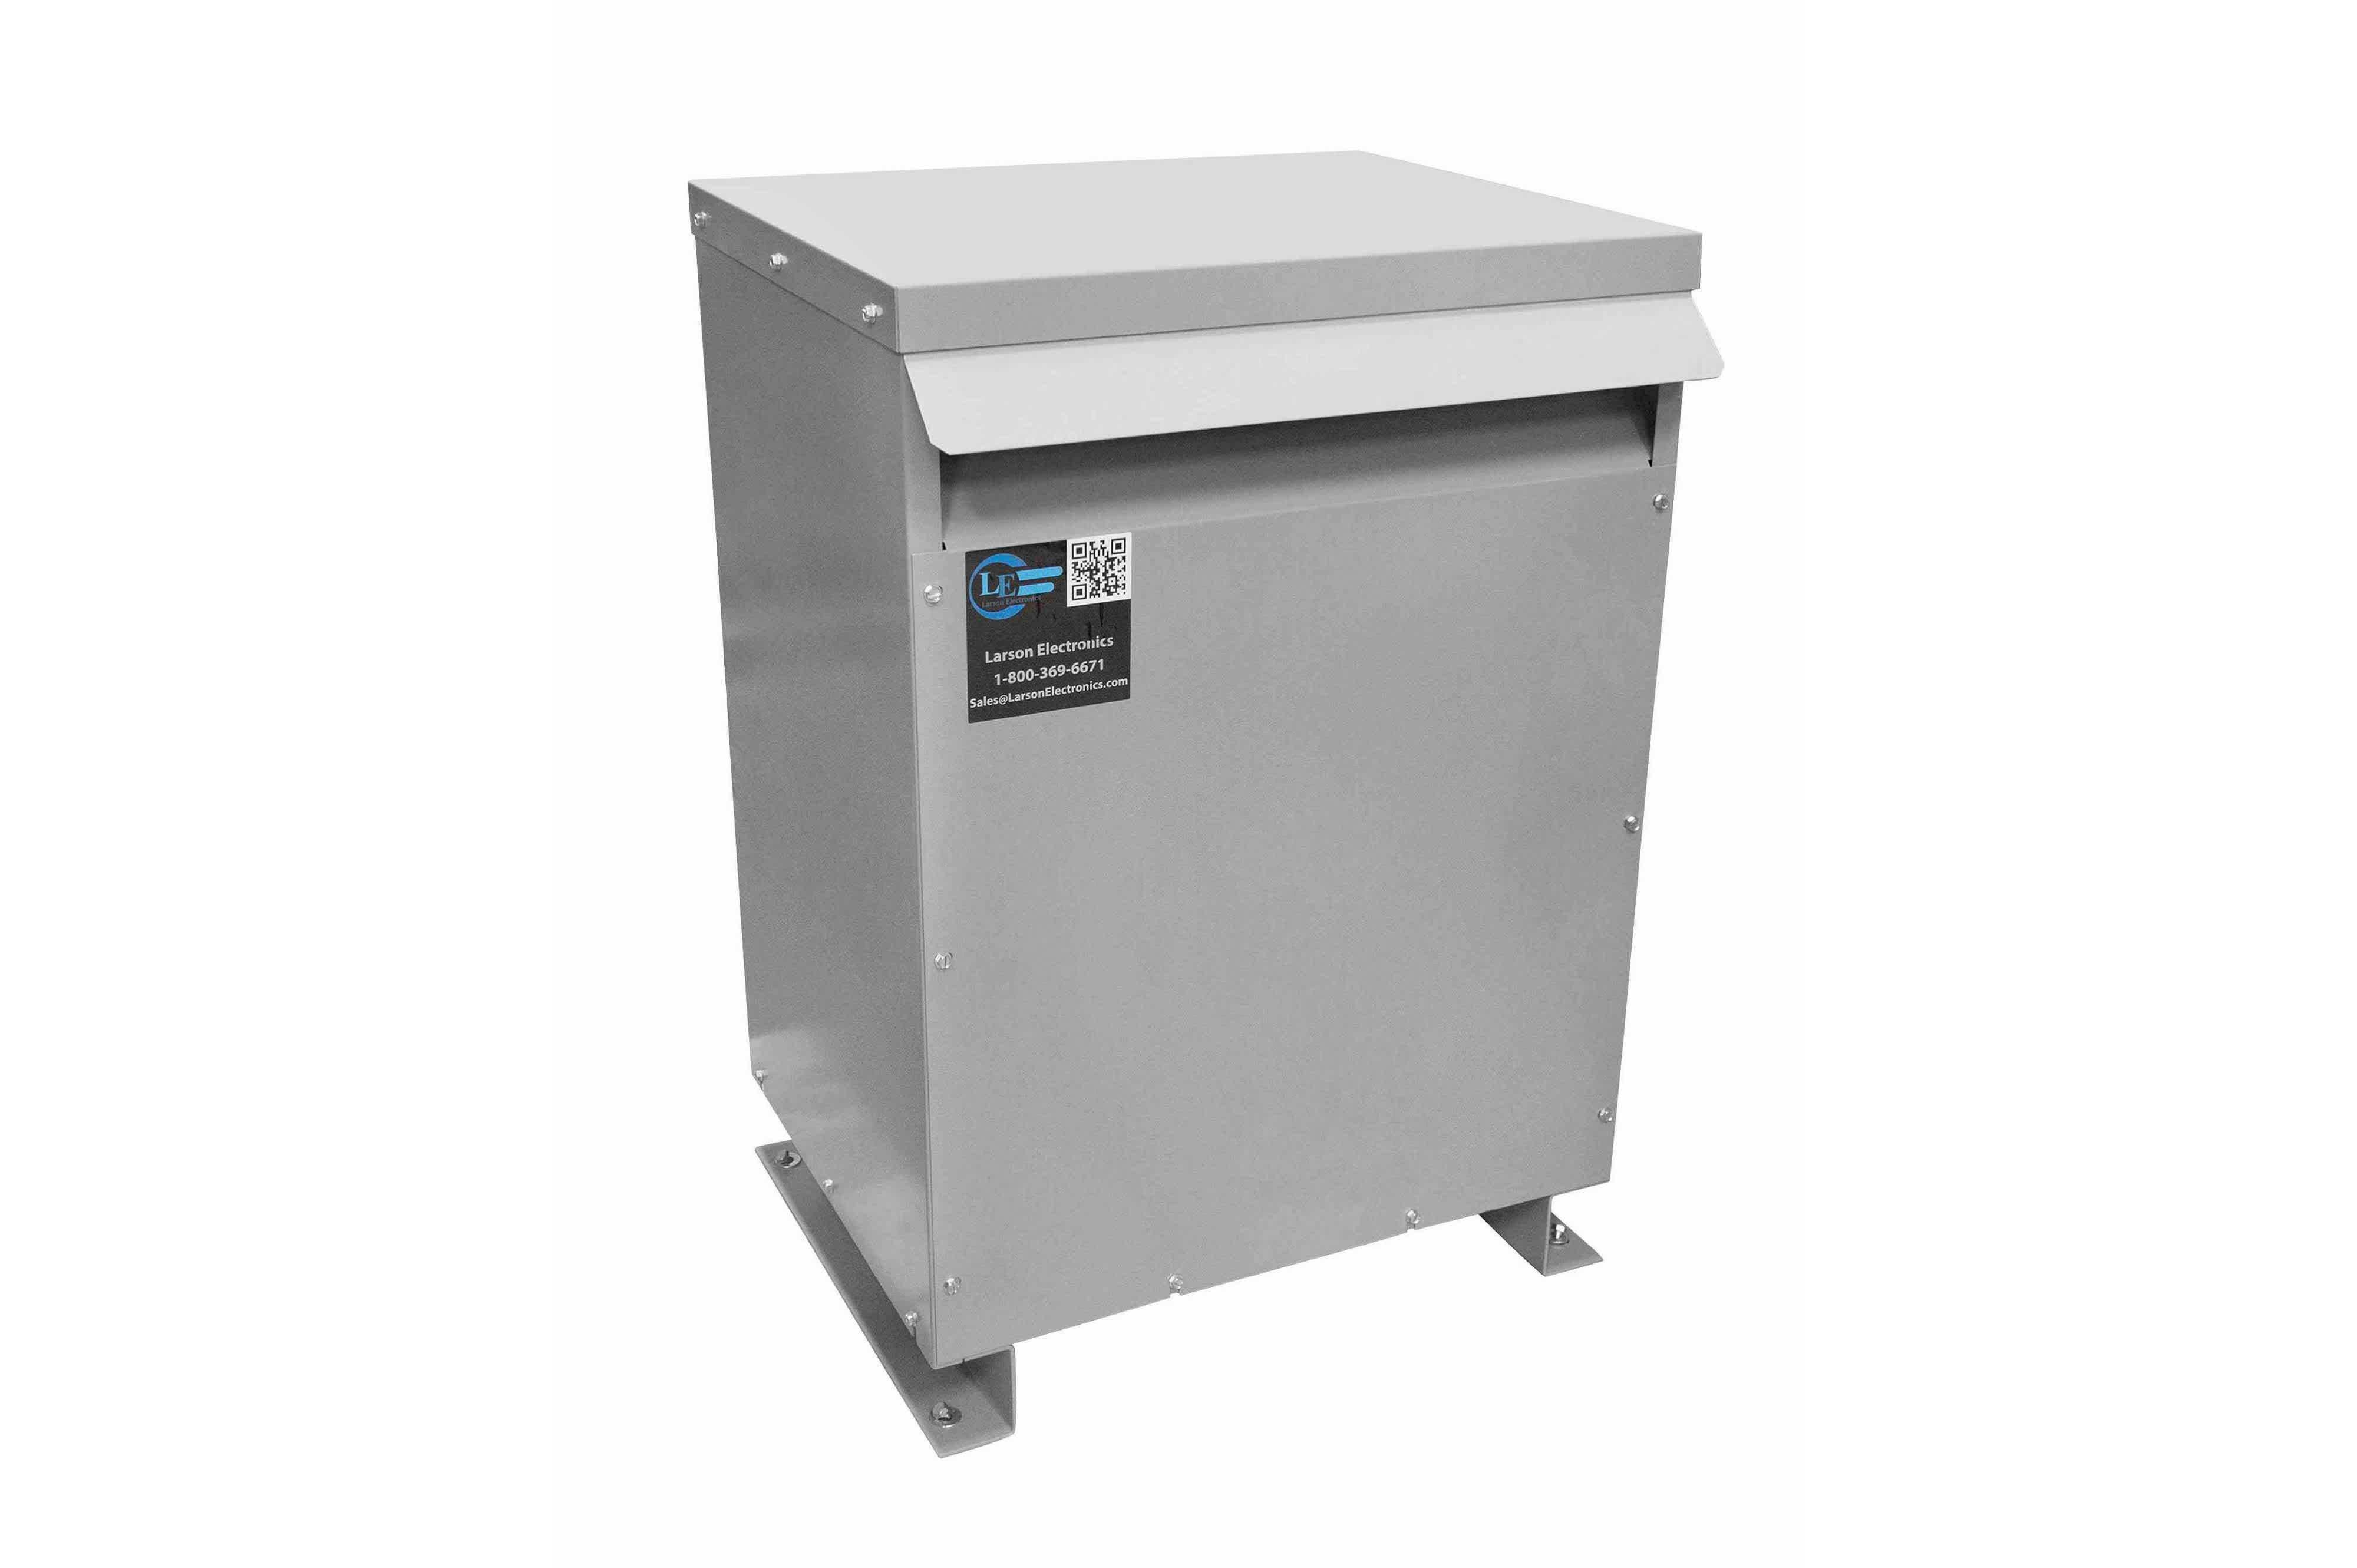 29 kVA 3PH Isolation Transformer, 480V Delta Primary, 480V Delta Secondary, N3R, Ventilated, 60 Hz